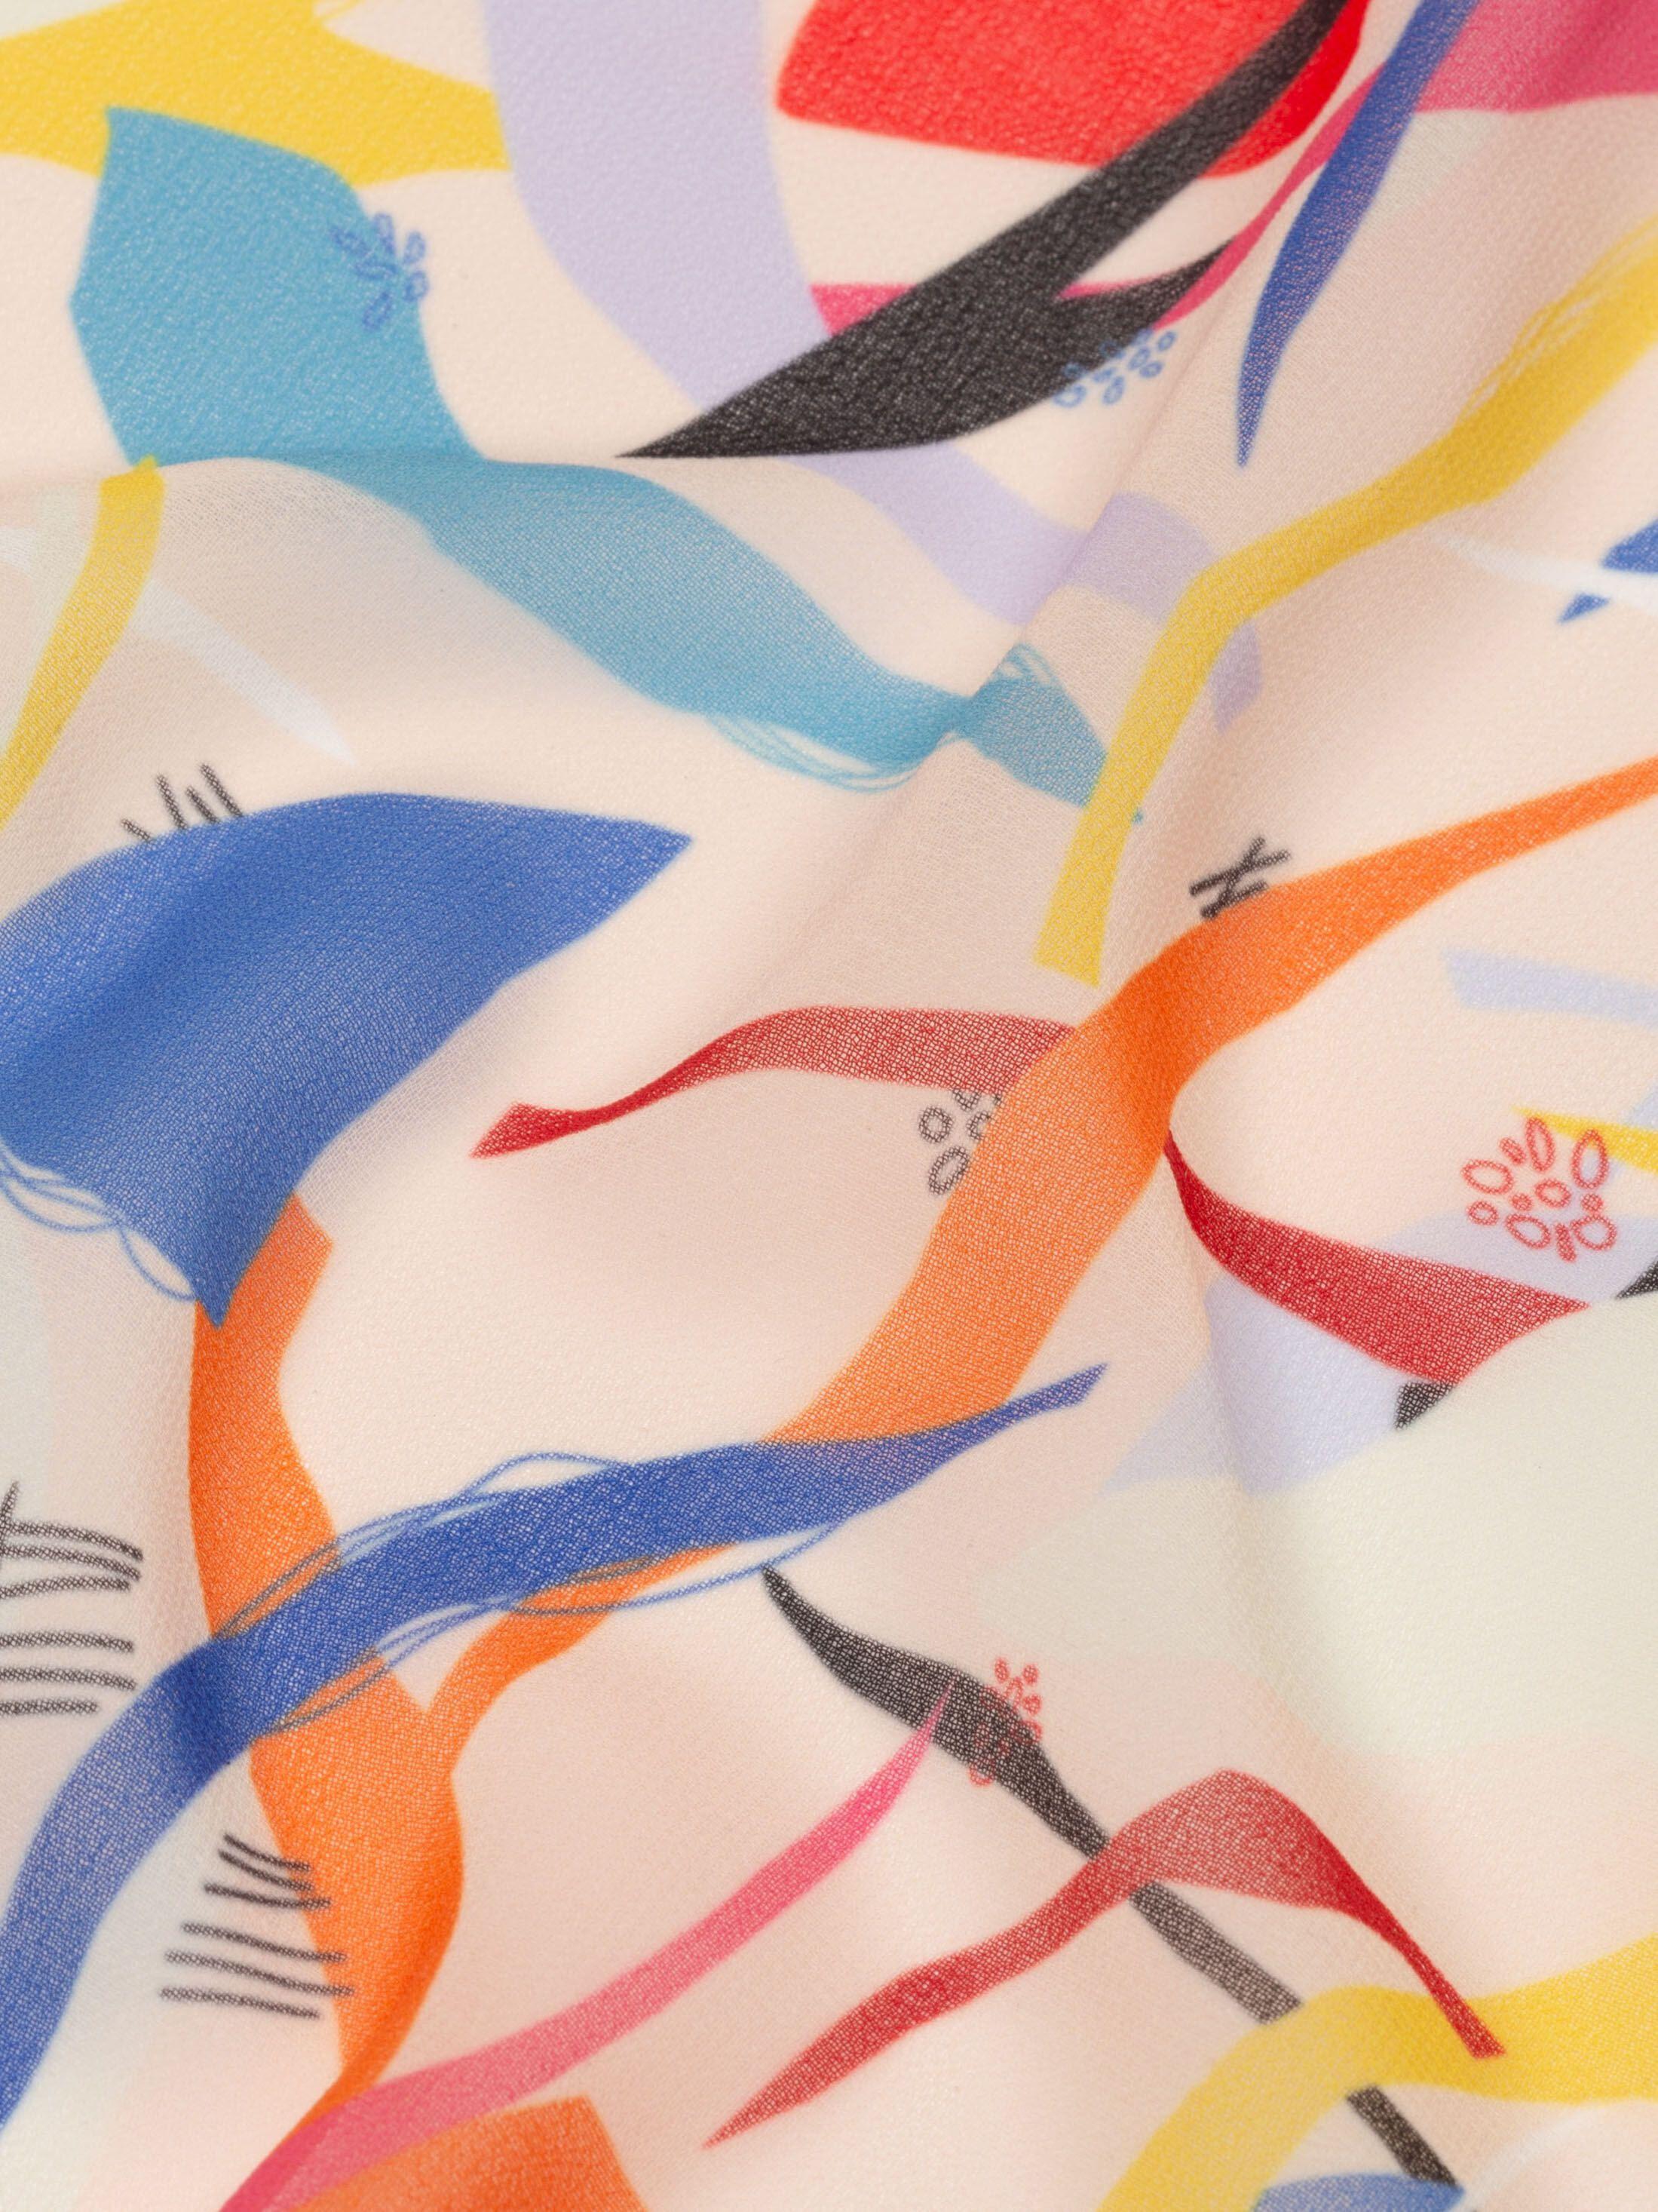 gepersonaliseerde Georgette print met accessoires